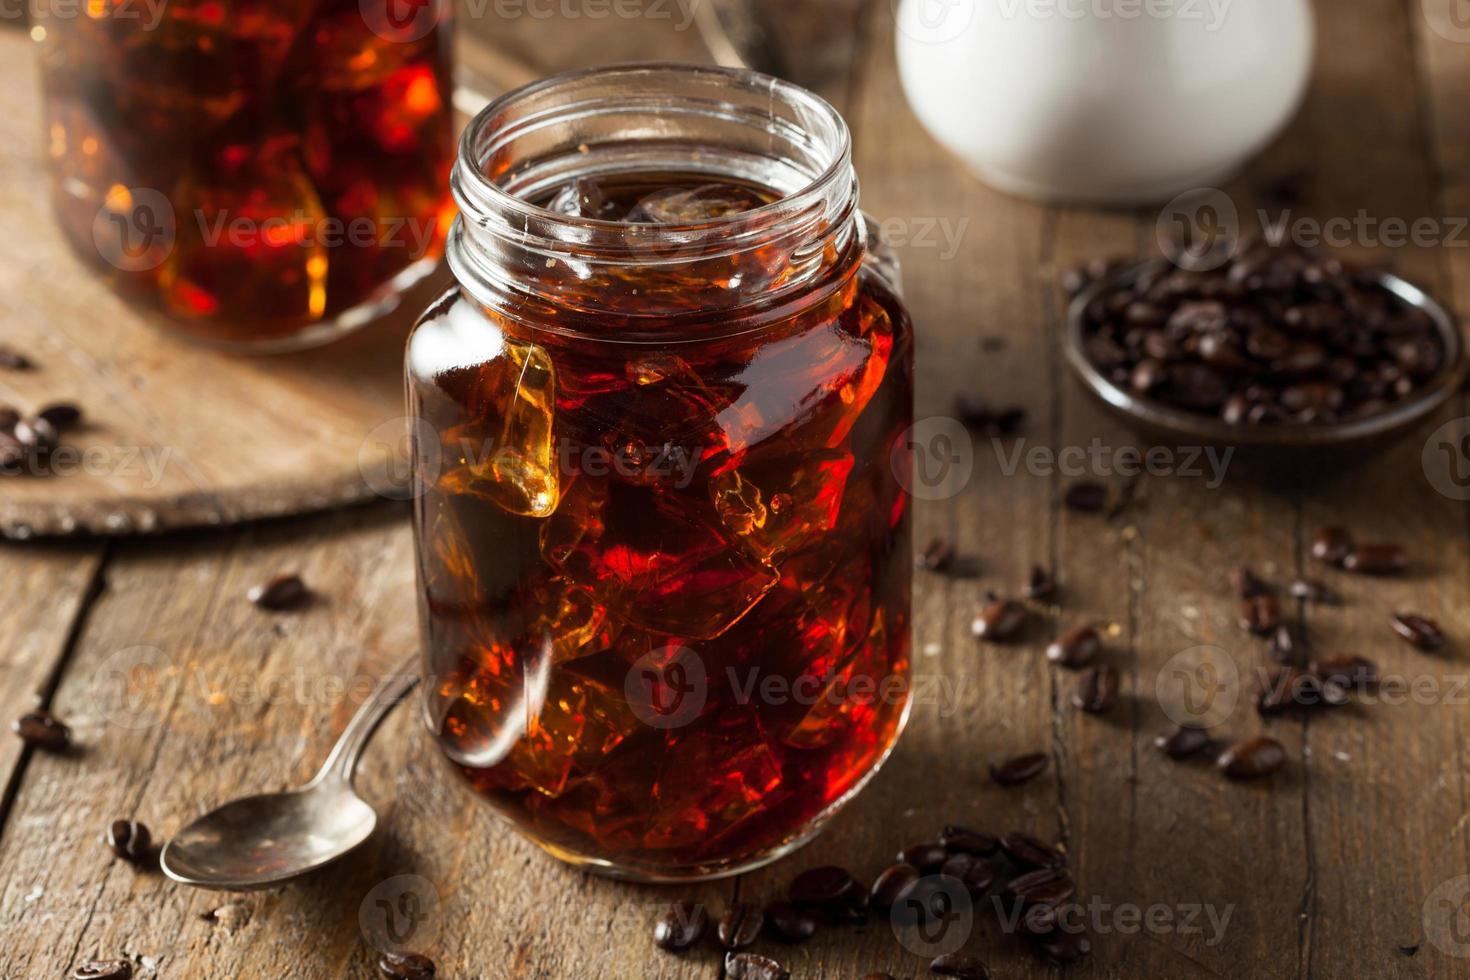 hausgemachter kalter Kaffee in einem Glas auf einem Tisch foto